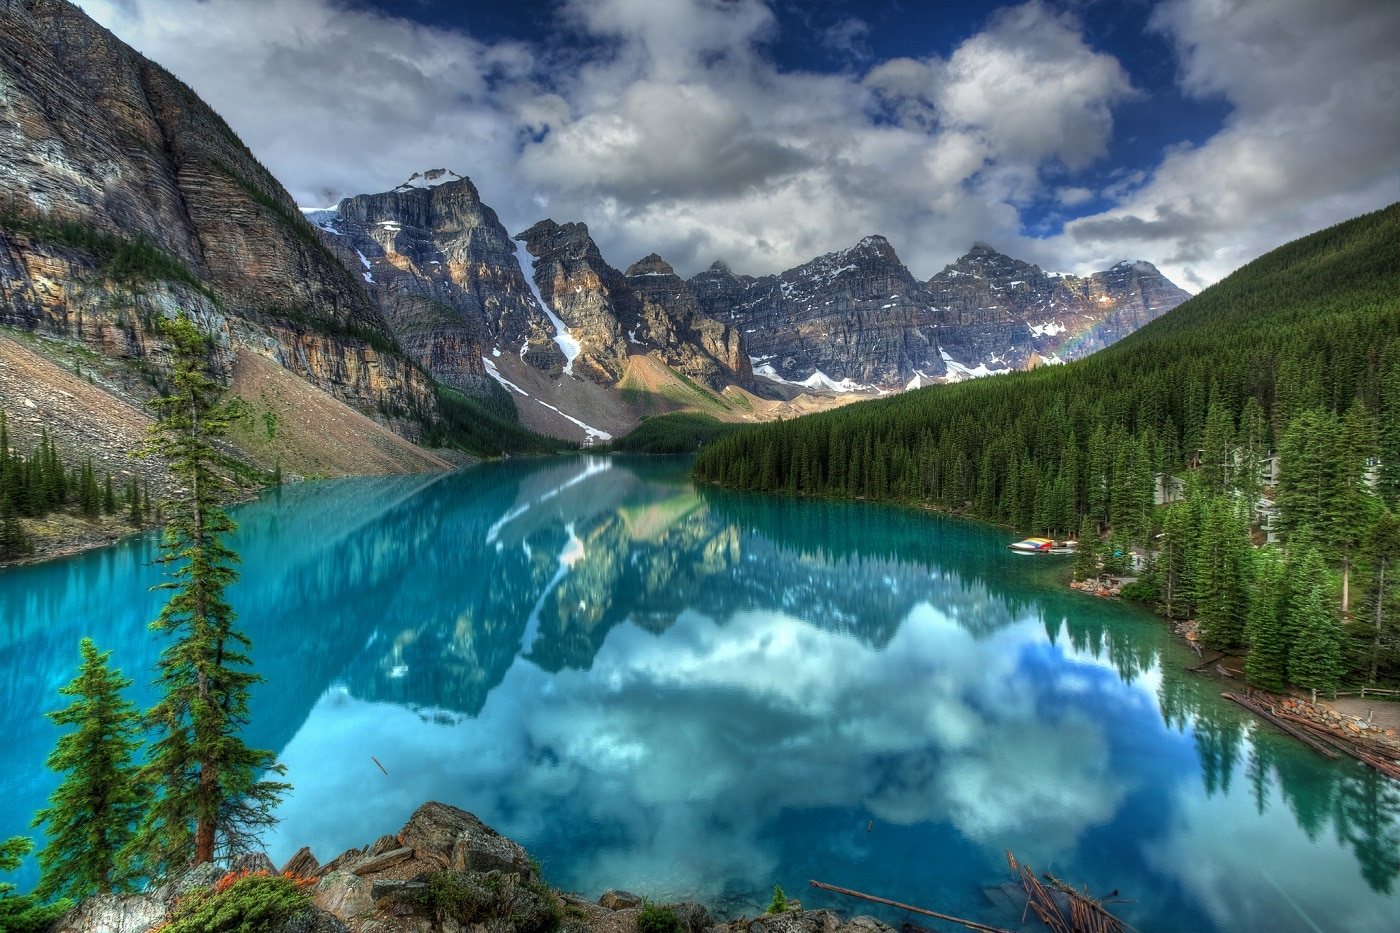 Apele de un albastru intens completează perfect peisajul